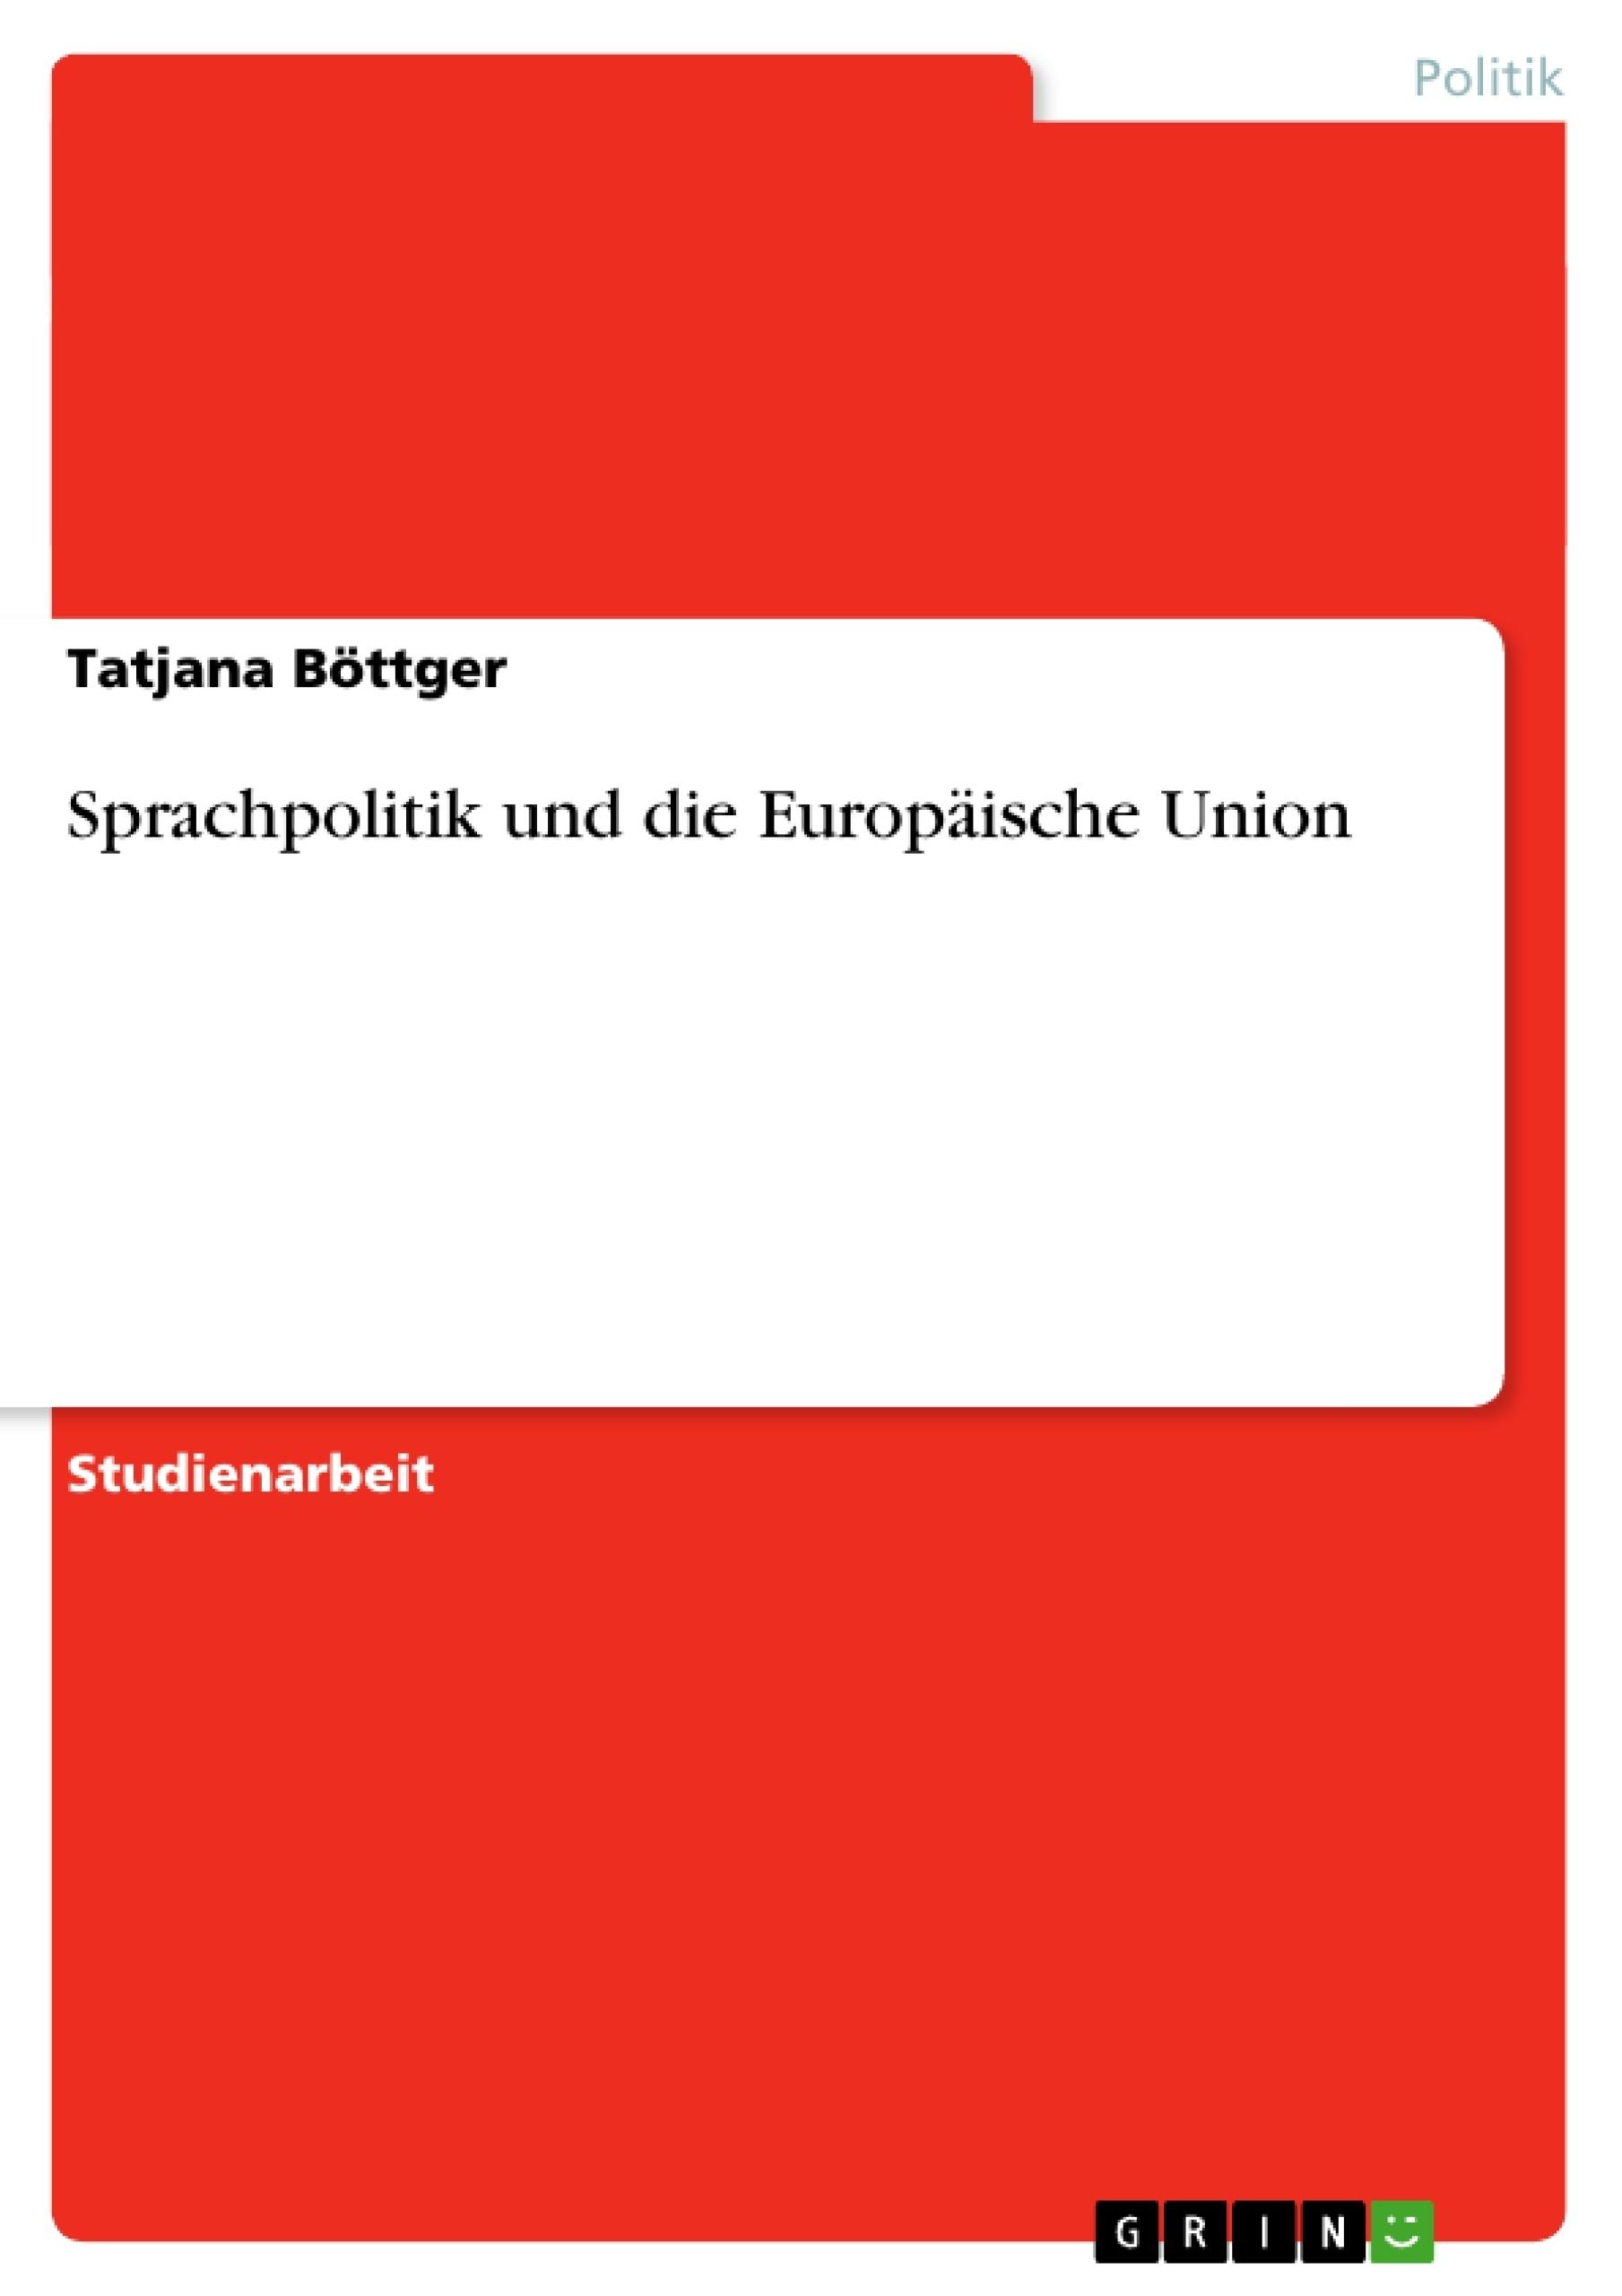 Titel: Sprachpolitik und die Europäische Union